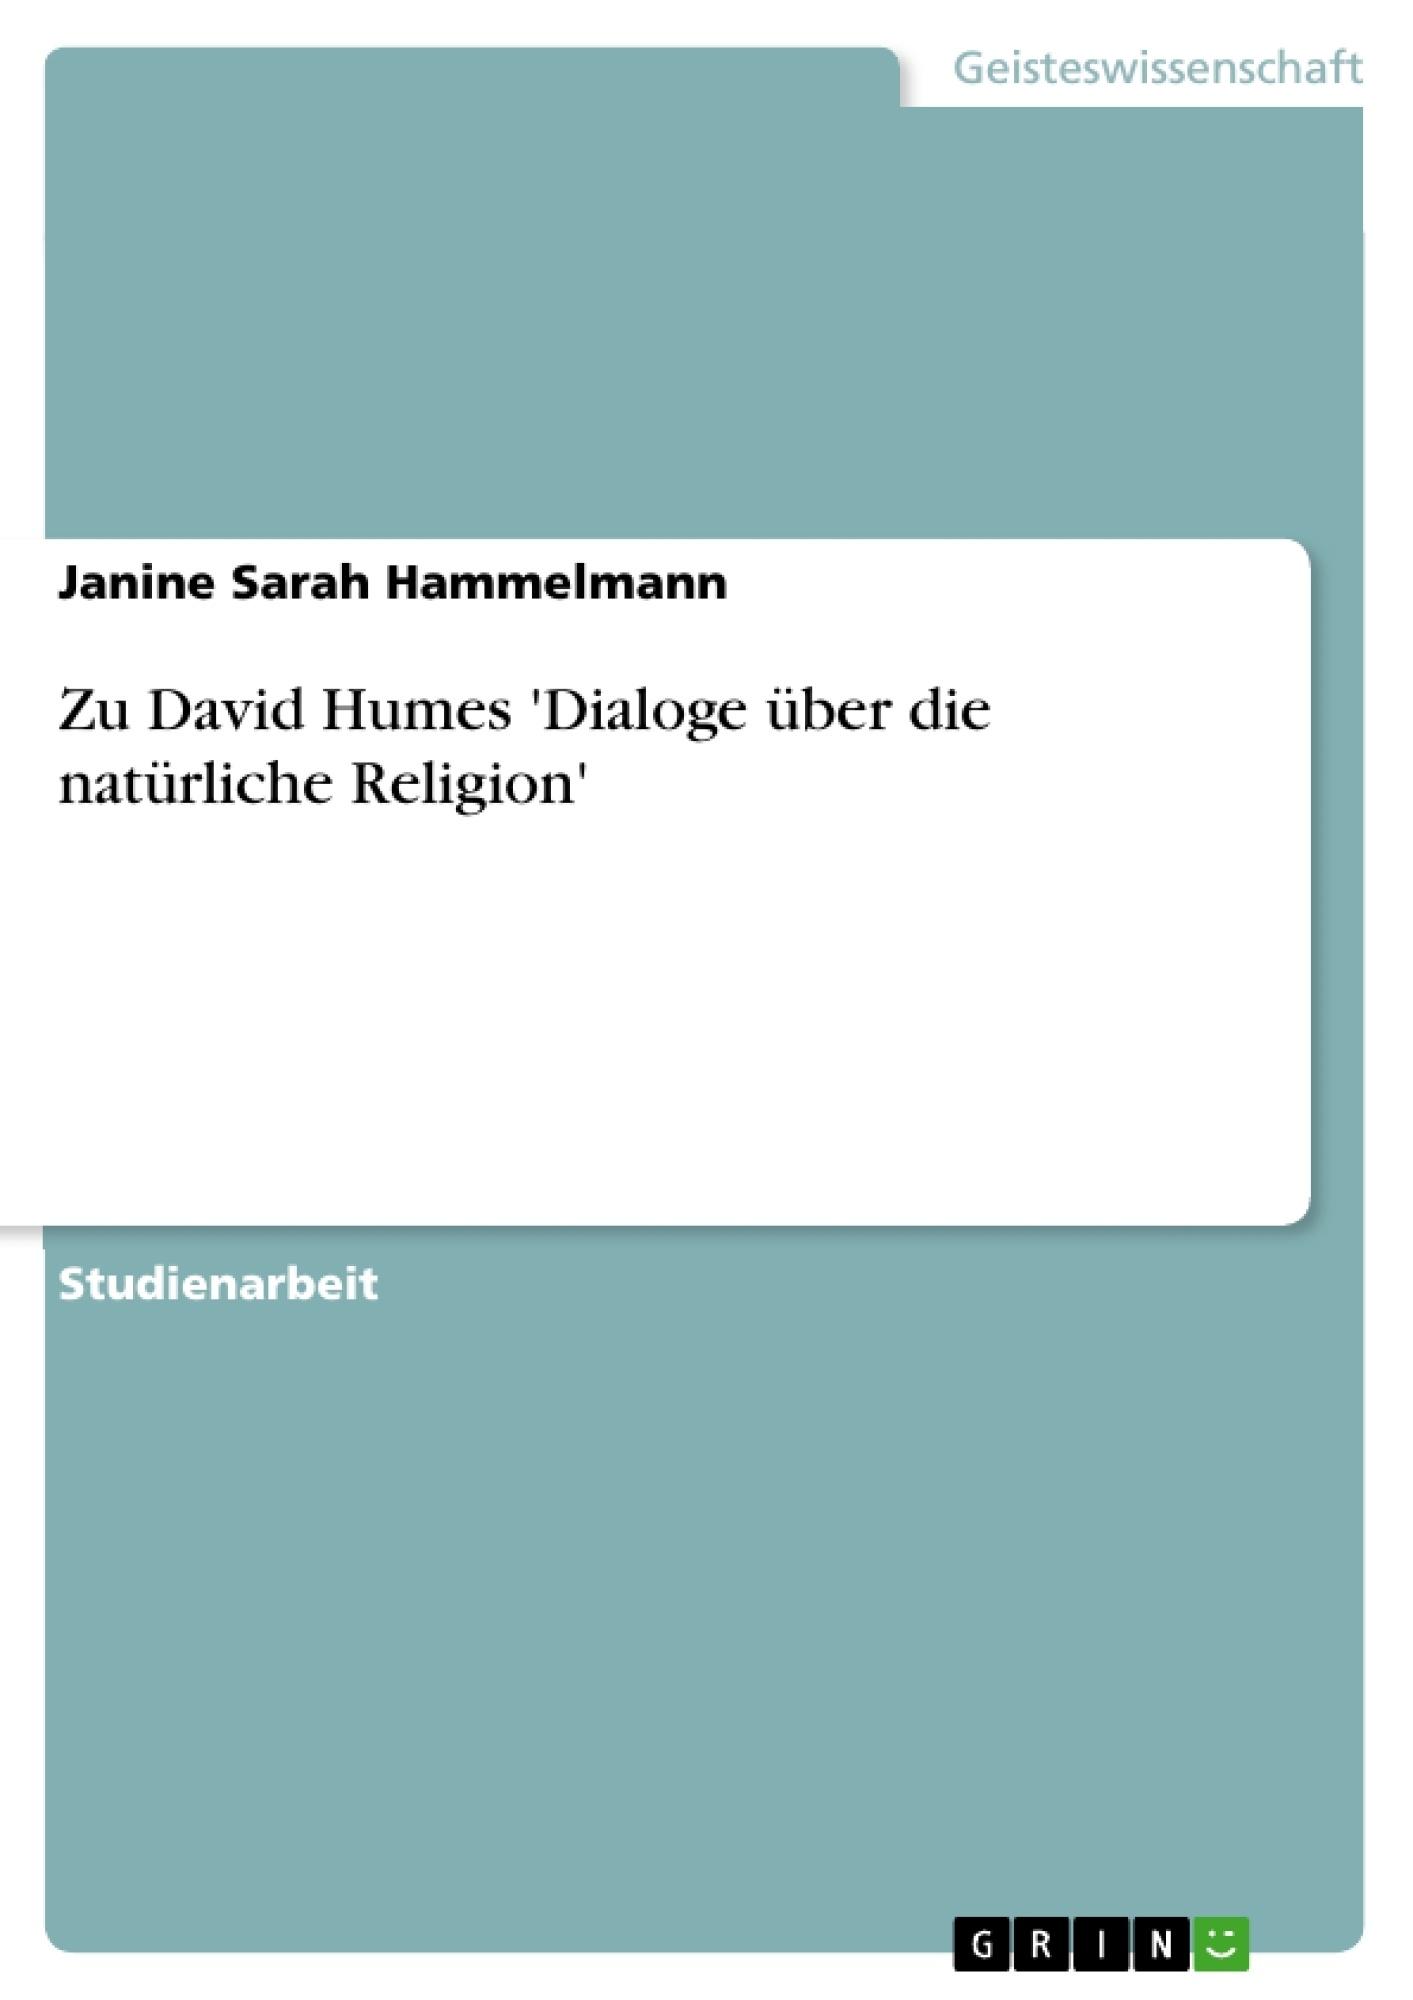 Titel: Zu David Humes 'Dialoge über die natürliche Religion'